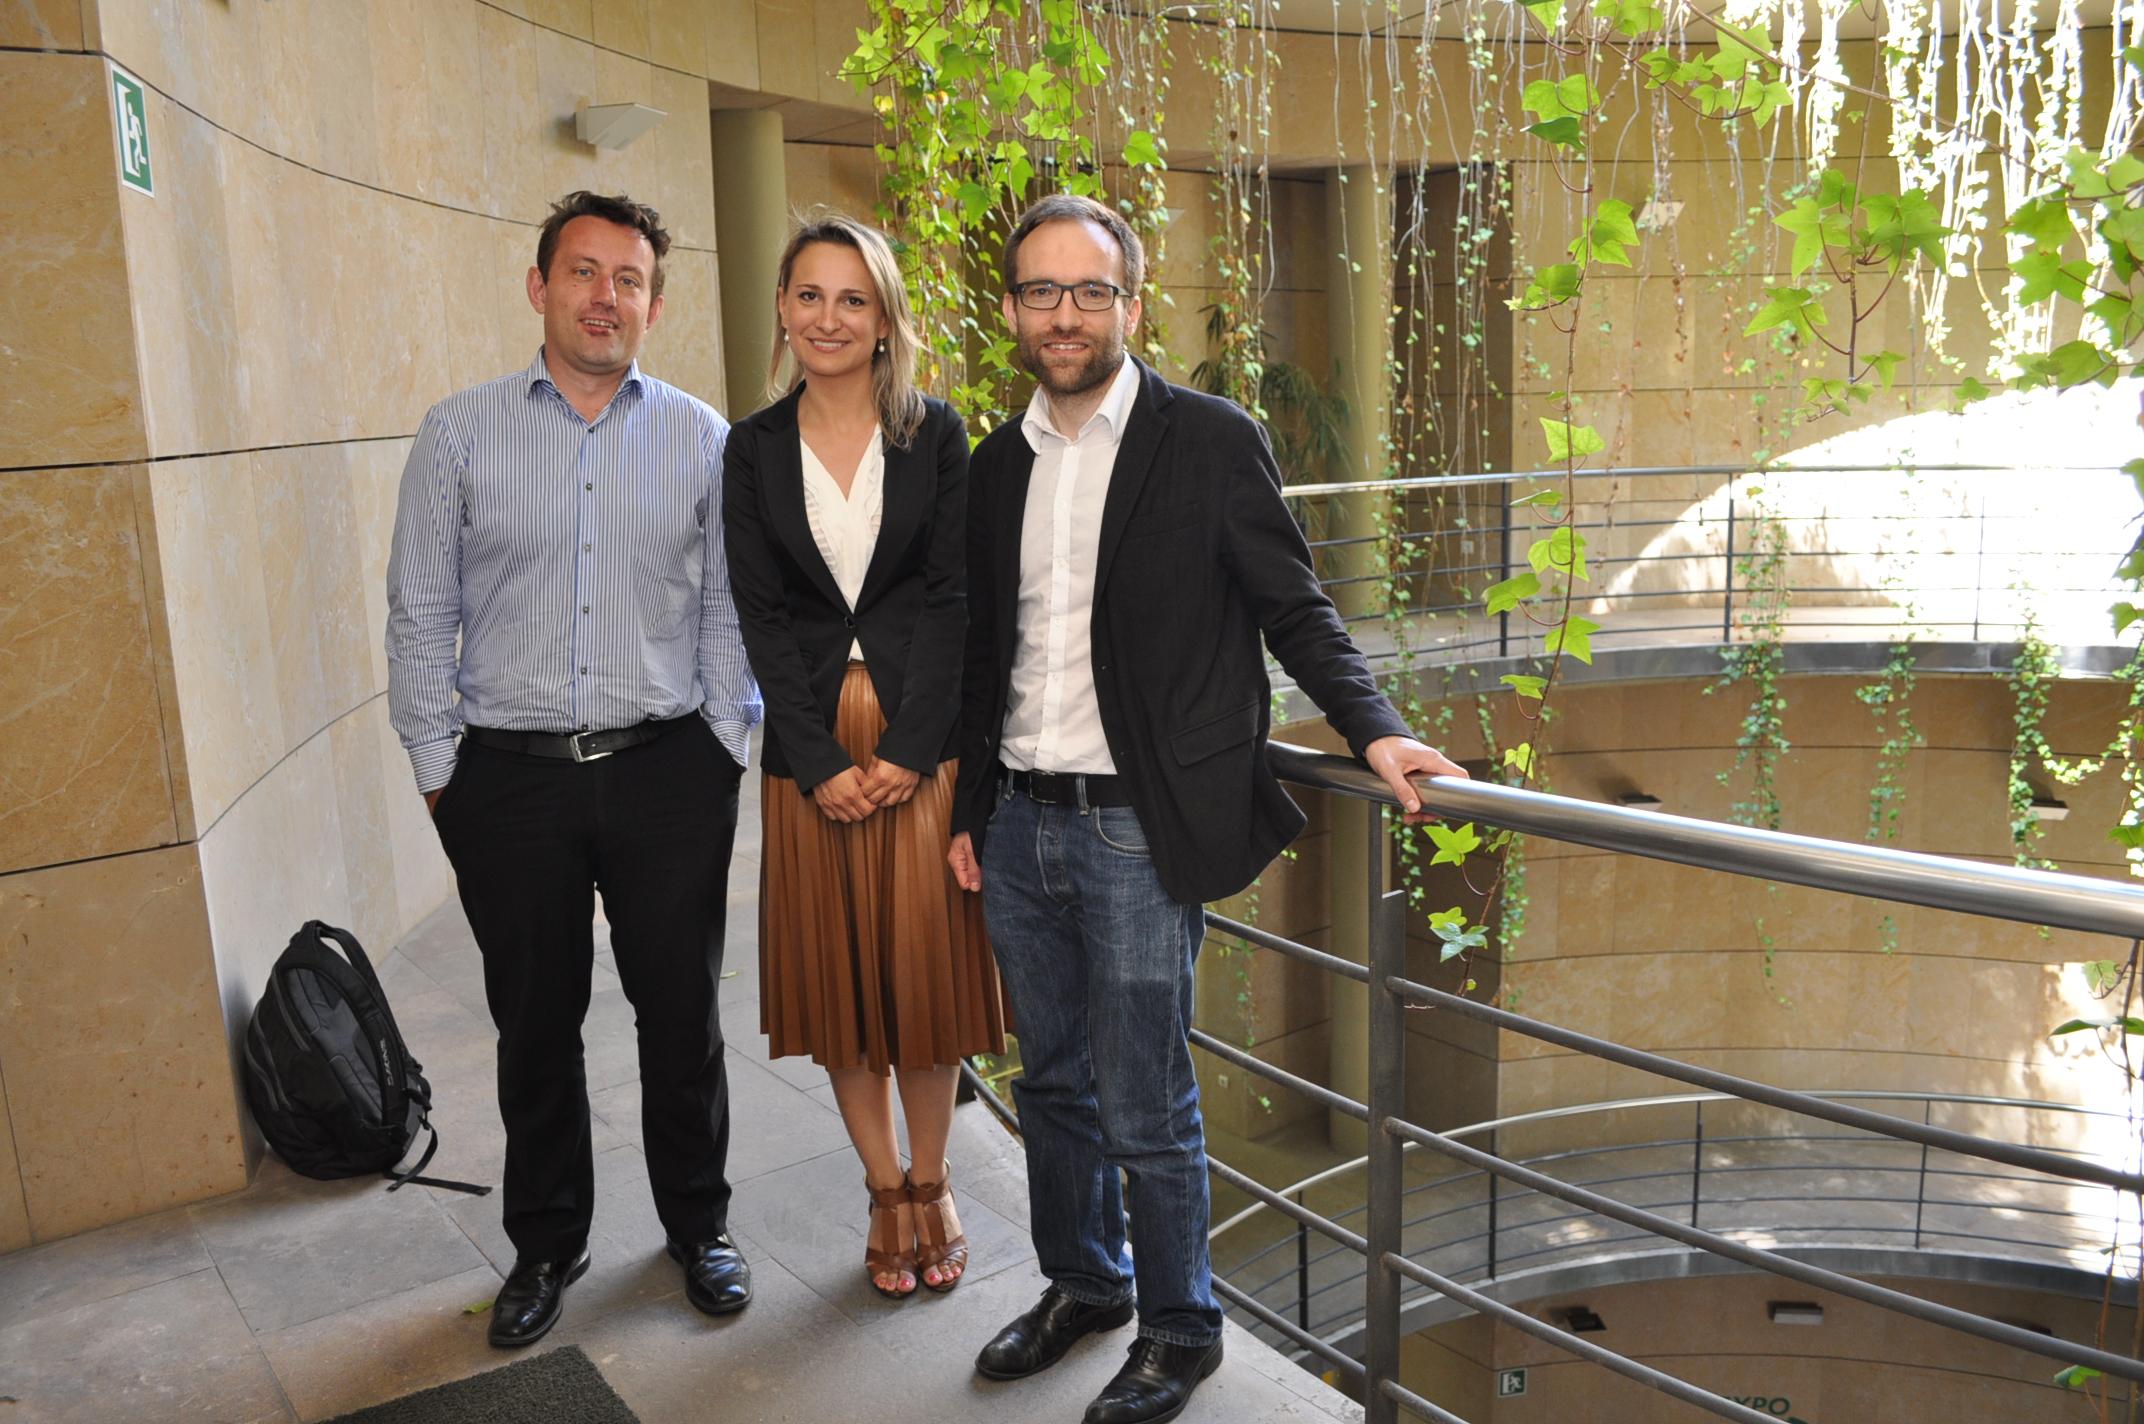 Laurent Roux, Bianca Dragomir and Aaron Best